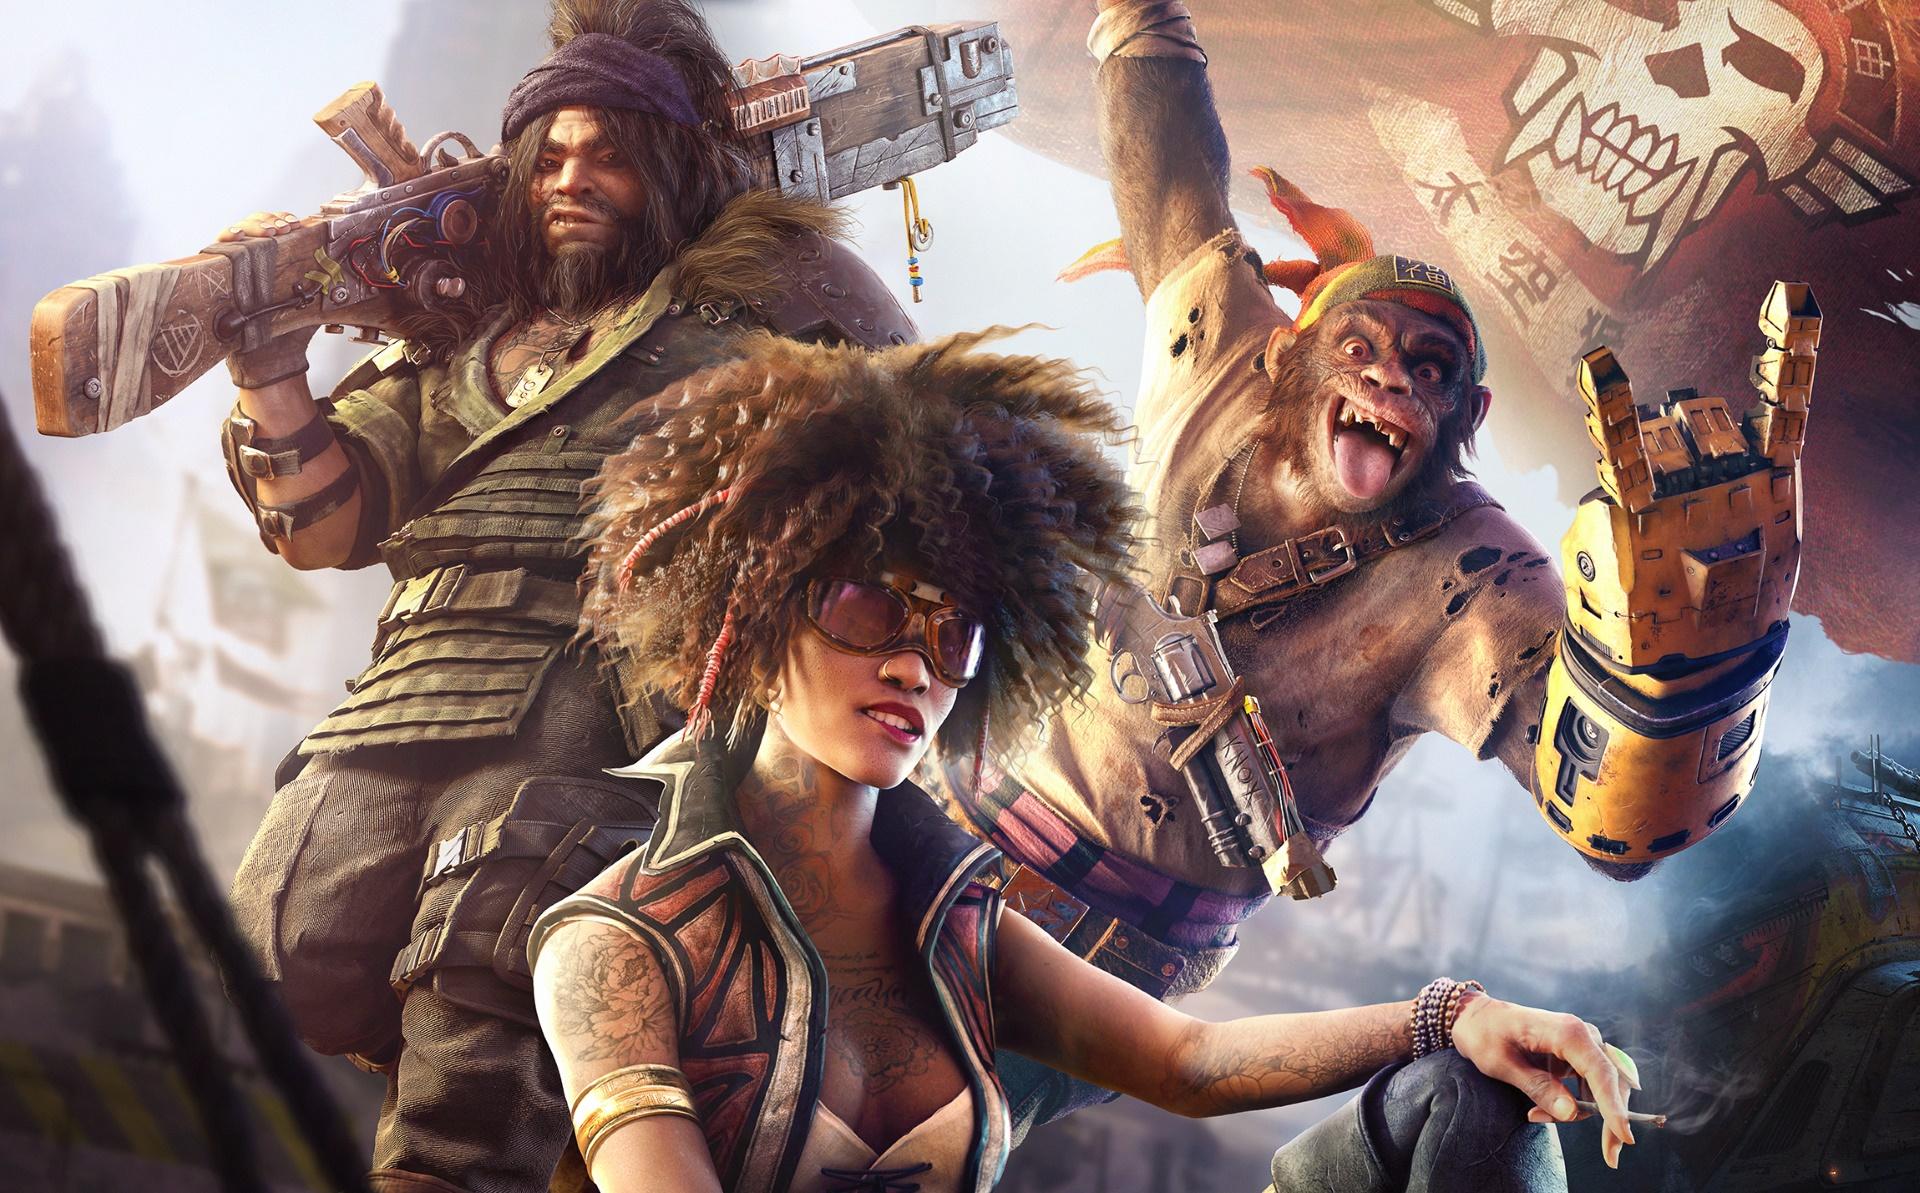 L'opération séduction d'Ubisoft passait aussi par la résurrection publique de Beyond Good & Evil 2, projet maudit d'Ubisoft Montpellier.